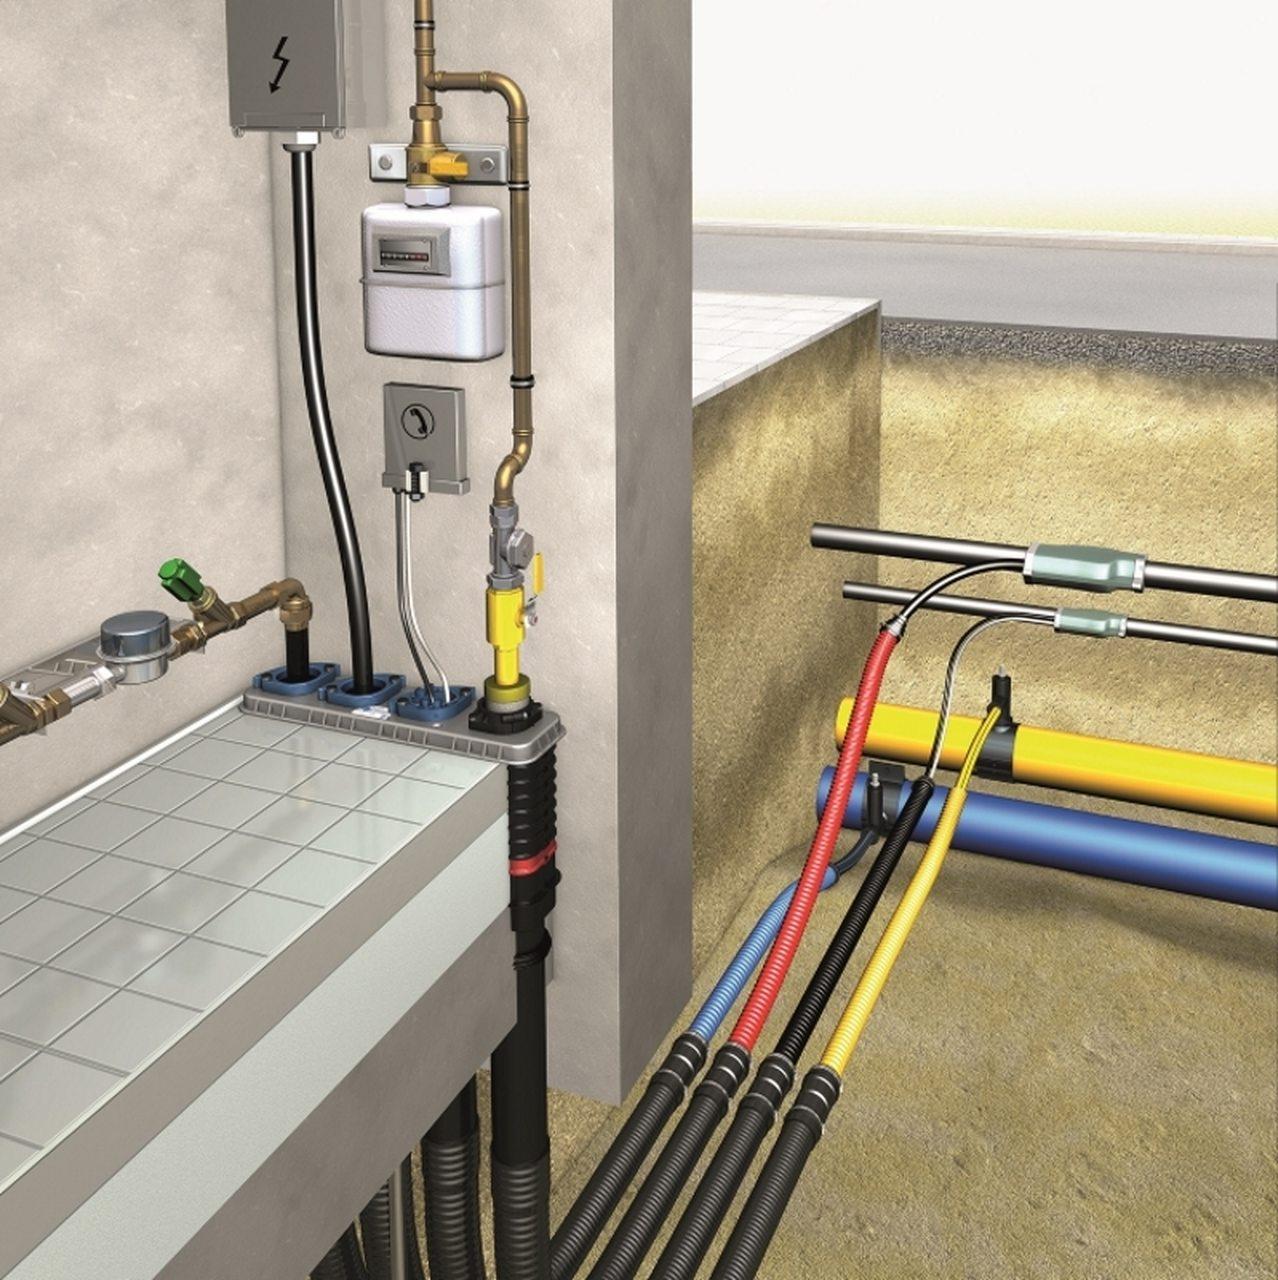 DOYMA 4-Spartenhauseinführung (BHP) Eco für nichtunterkellerte Gebäude